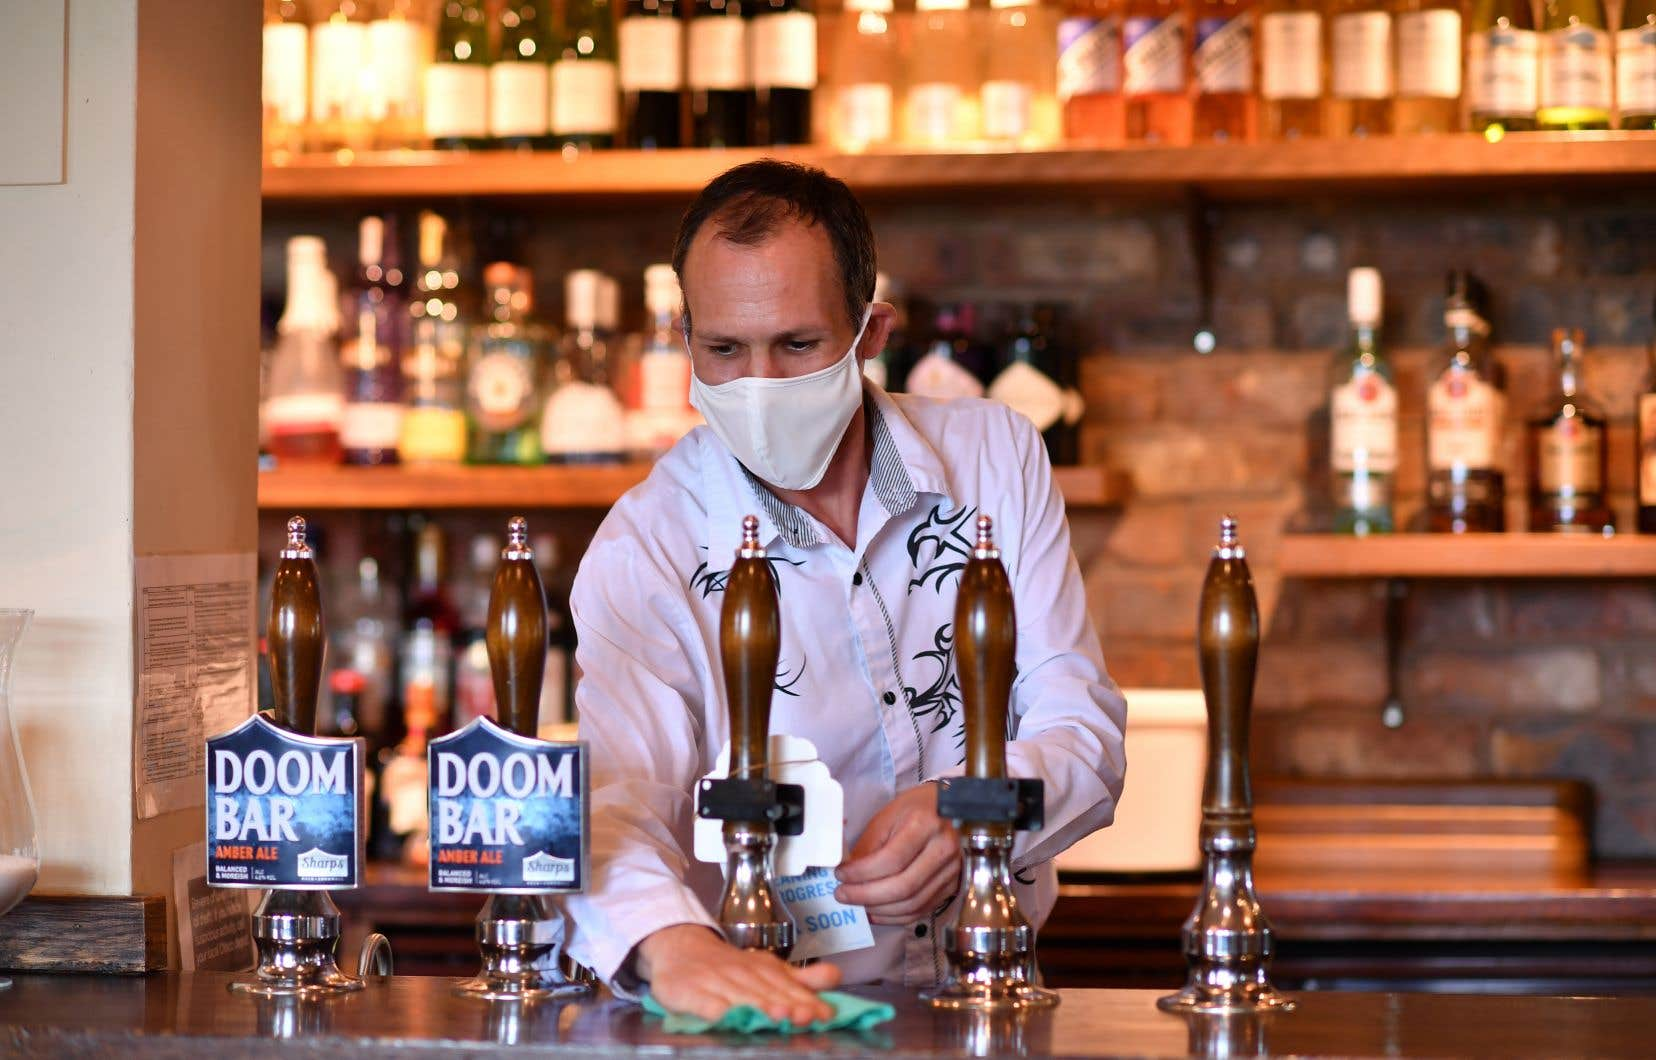 Pubs, hôtels, salons de coiffure, cinémas et musées reprennent du service samedi en Angleterre, une réouverture jugée prématurée par certains.